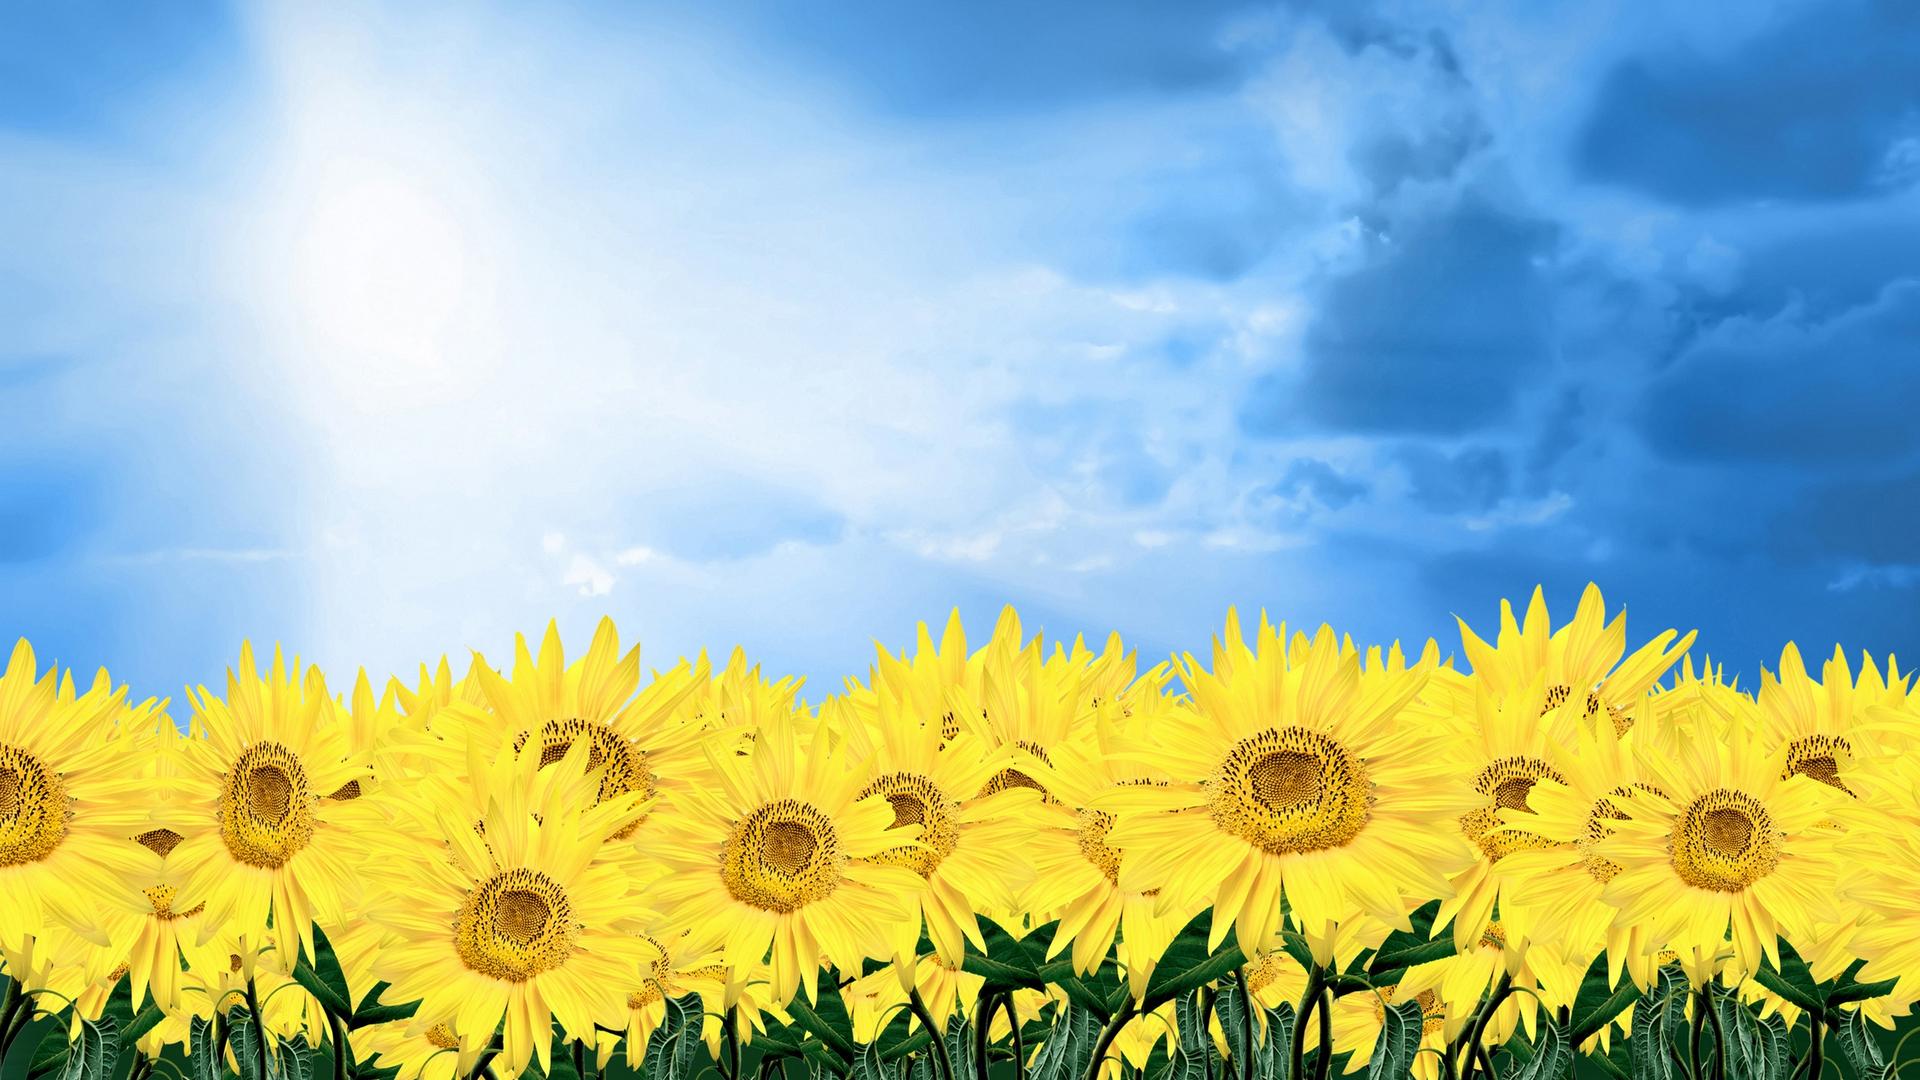 Download Sunflower Field, summer, mushrooms, sunflowers, 1920x1080 wallpaper ...